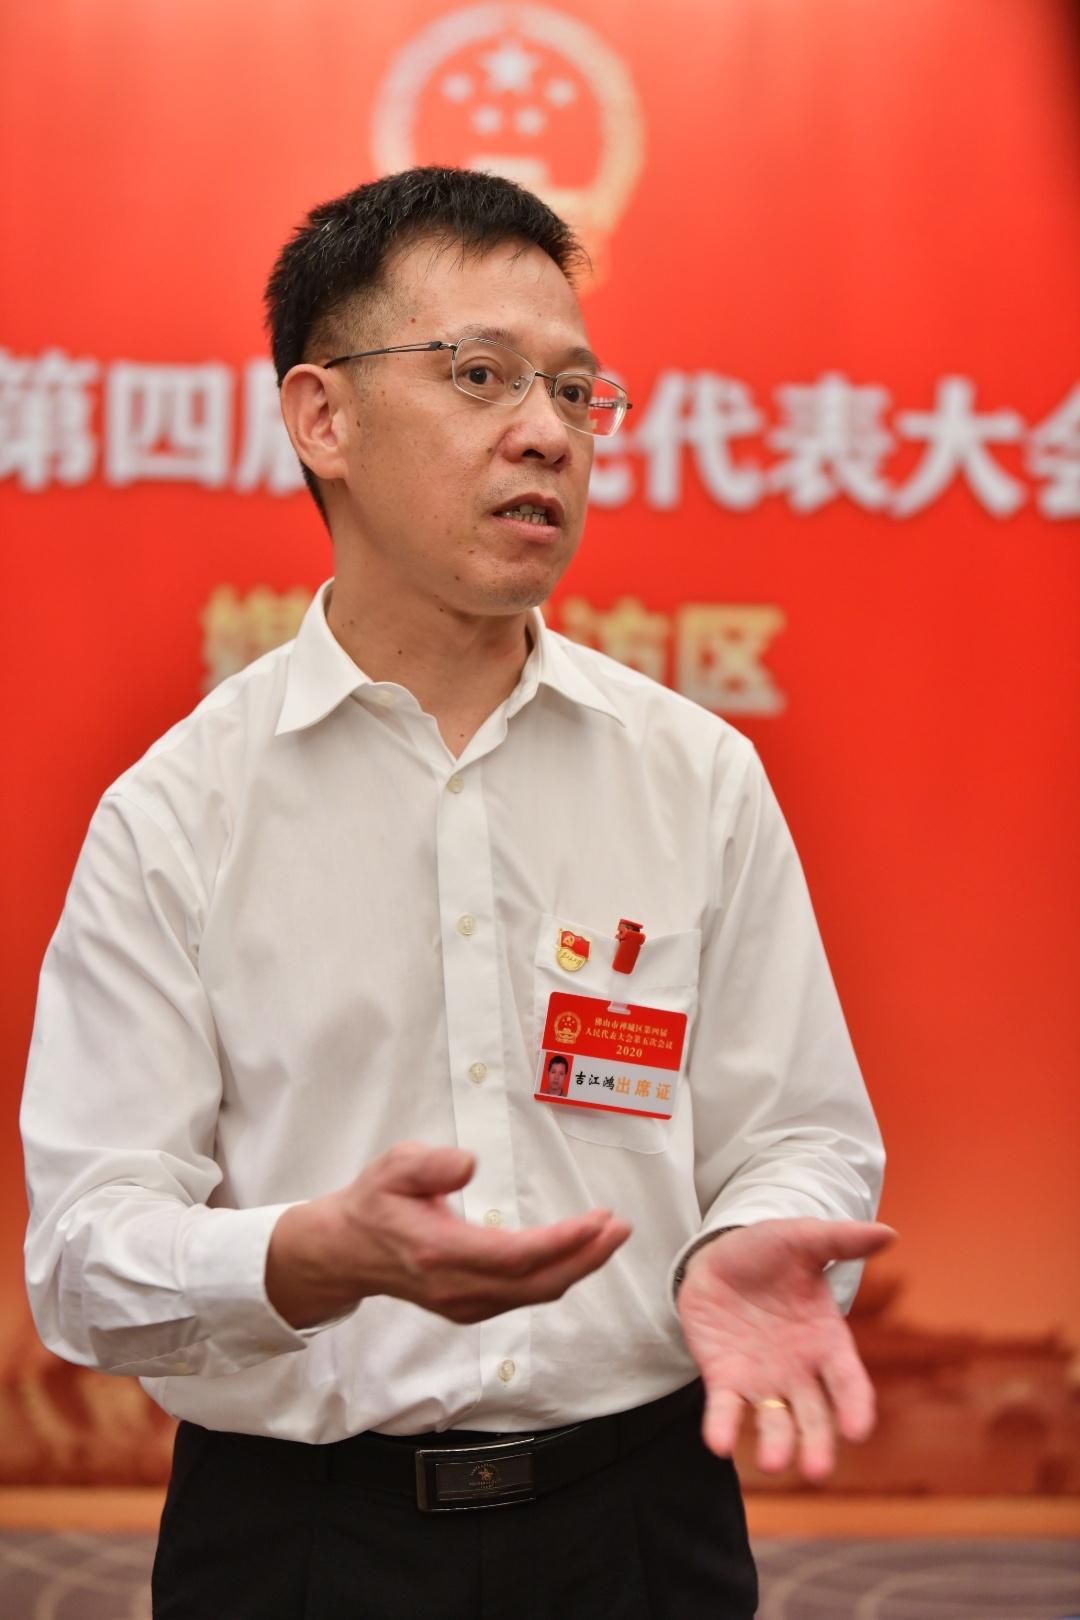 石湾镇街道办事处主任吉江鸿。